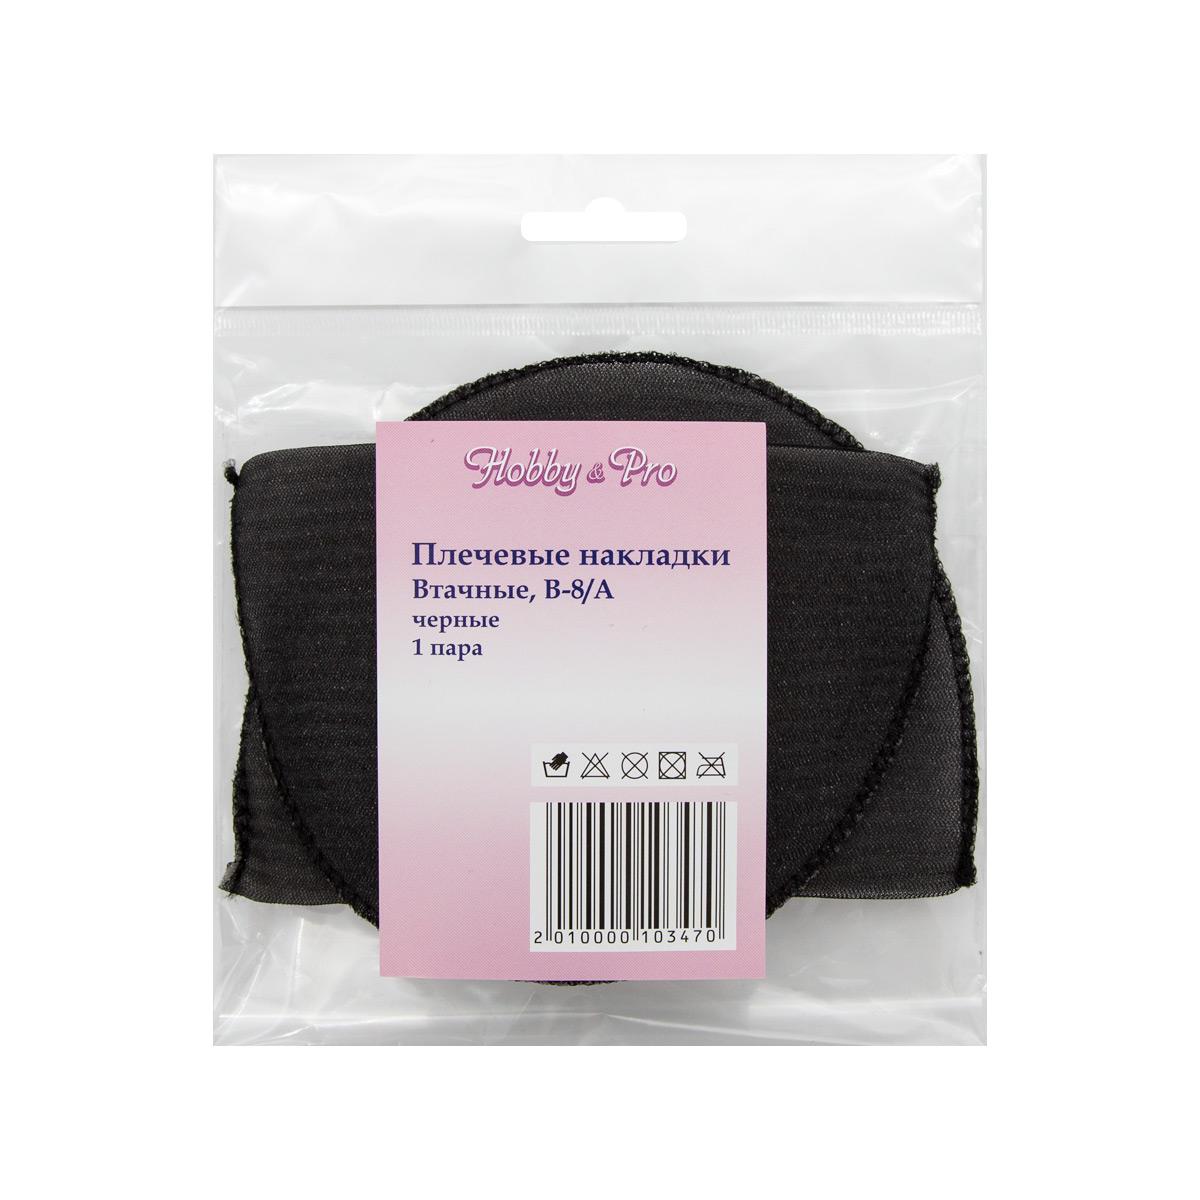 Плечевые накладки В-8/А втачные обшитые, цвет черный, 8х100х145 мм, Hobby&Pro